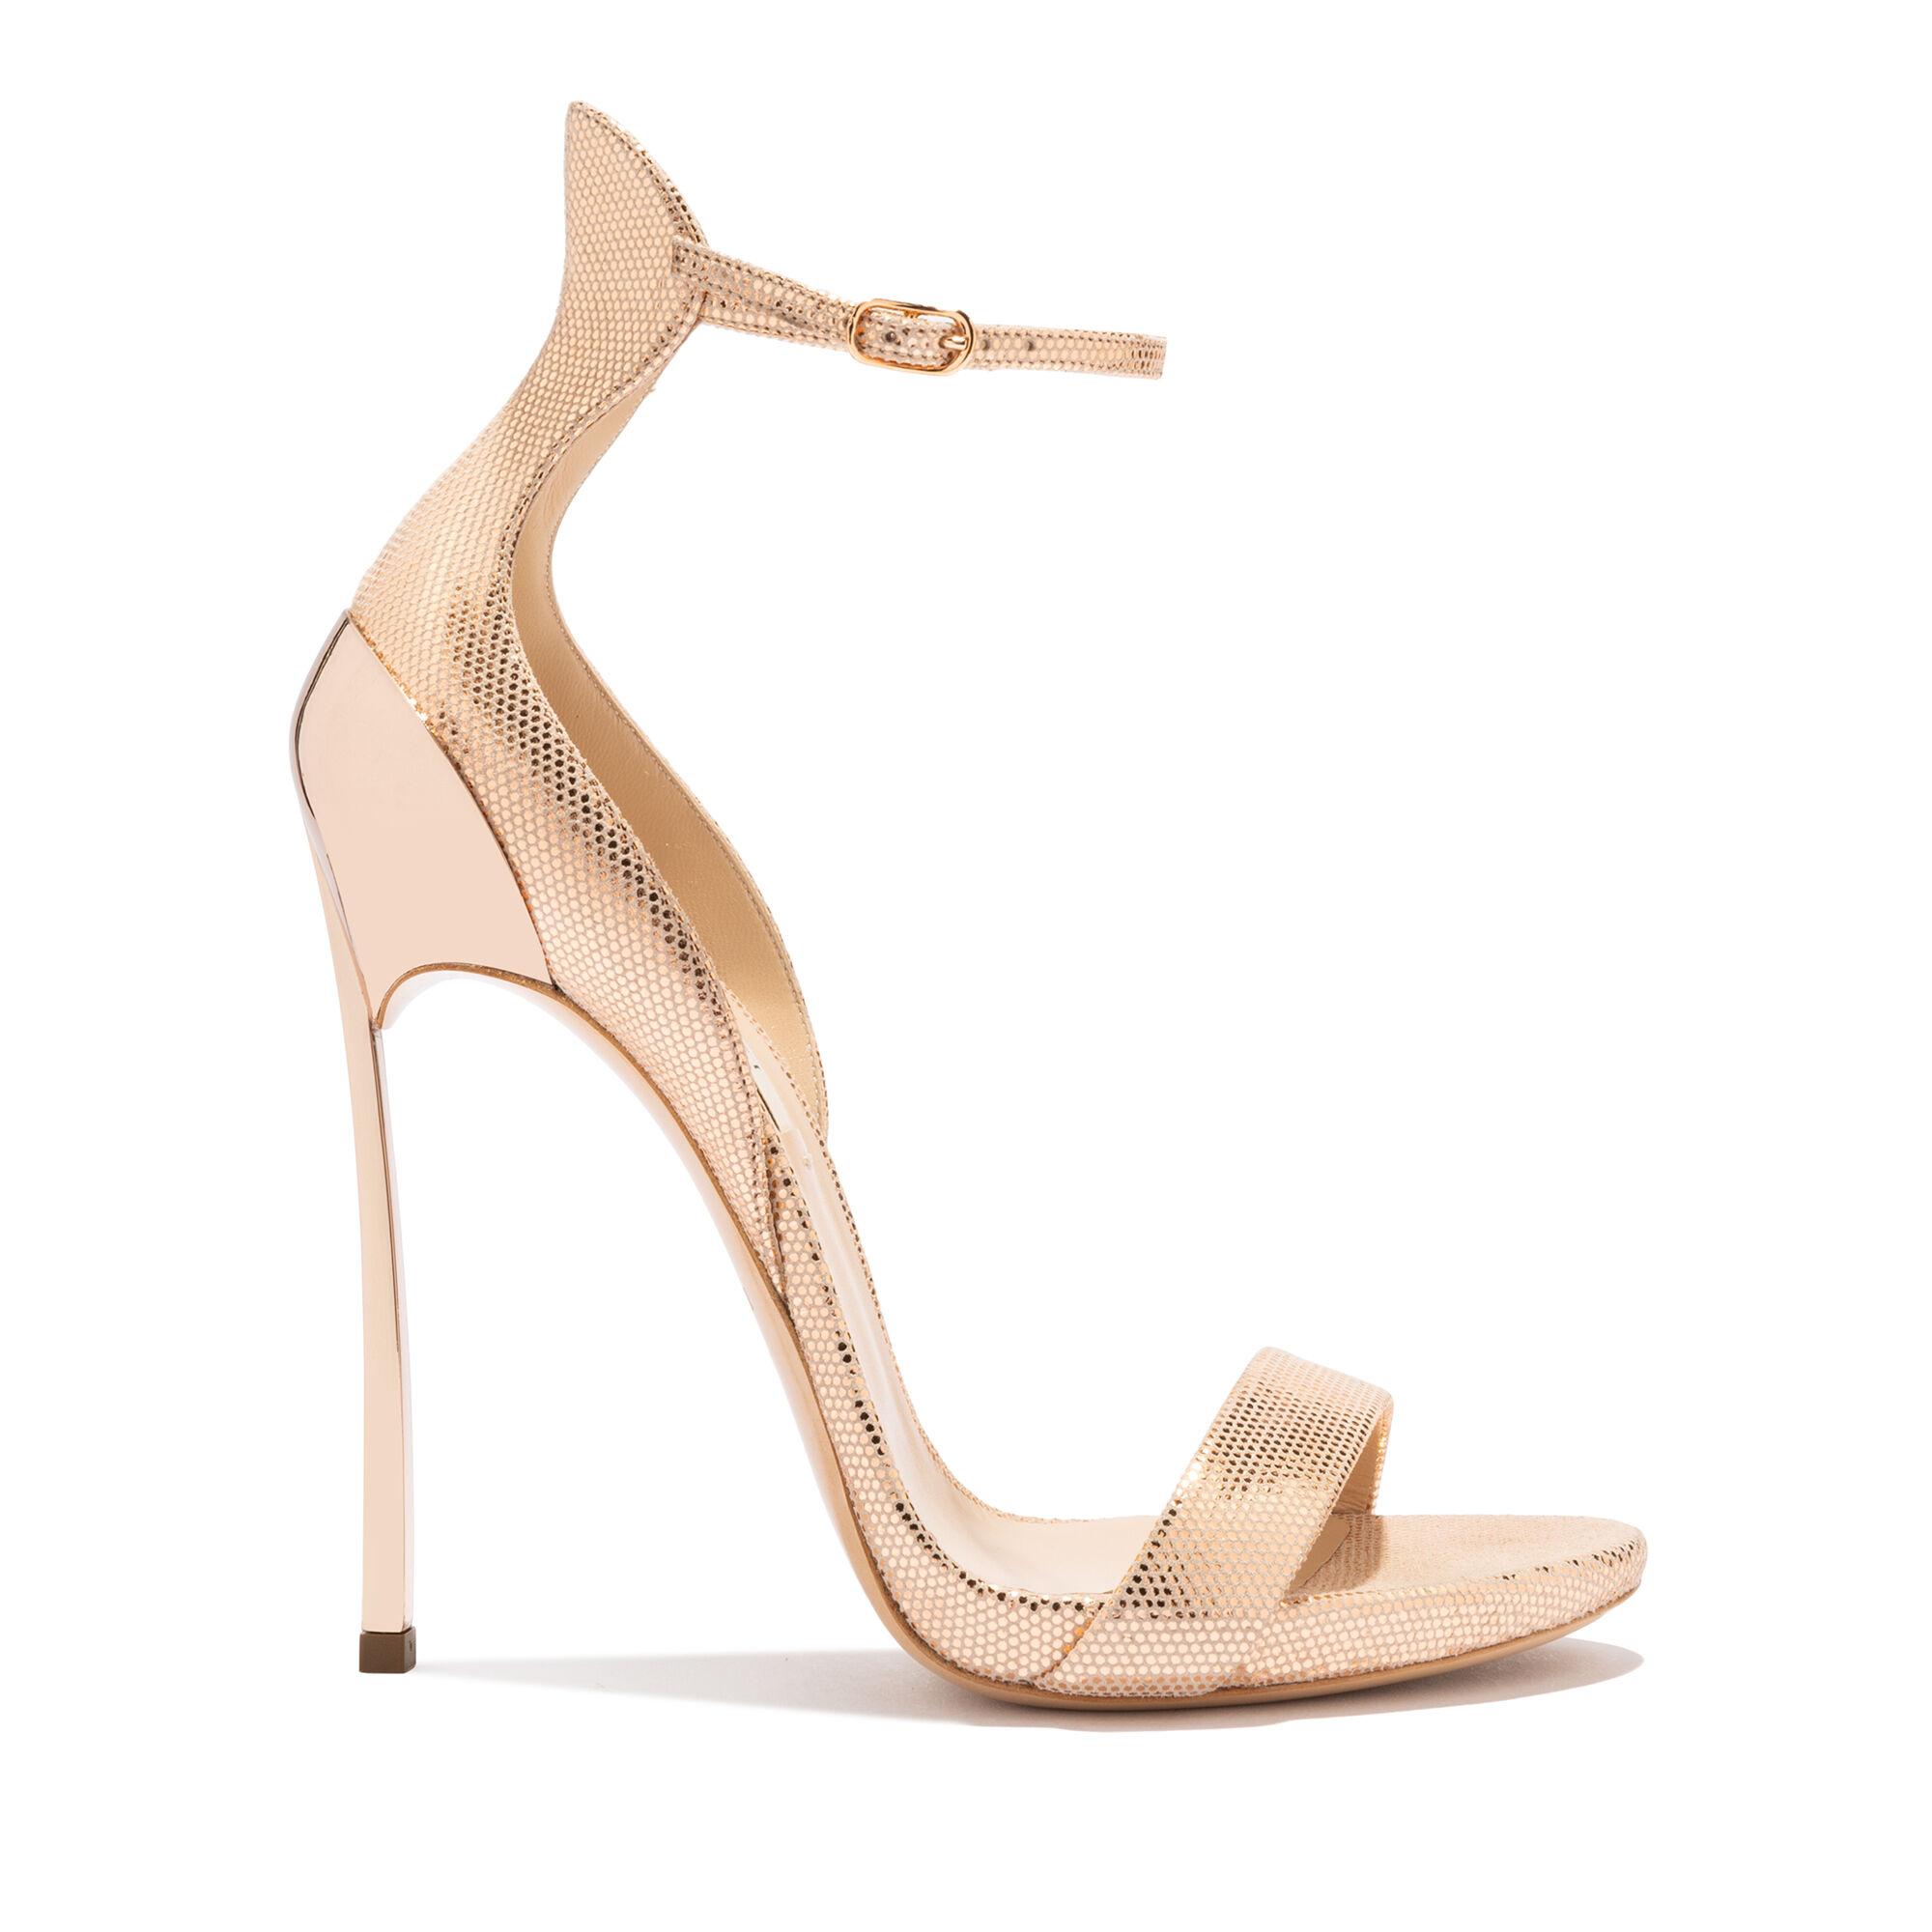 Sandali Sandali Da DonnaCasadei DonnaCasadei Eleganti Da Sandali Eleganti Da Eleganti VSMLUGqjzp